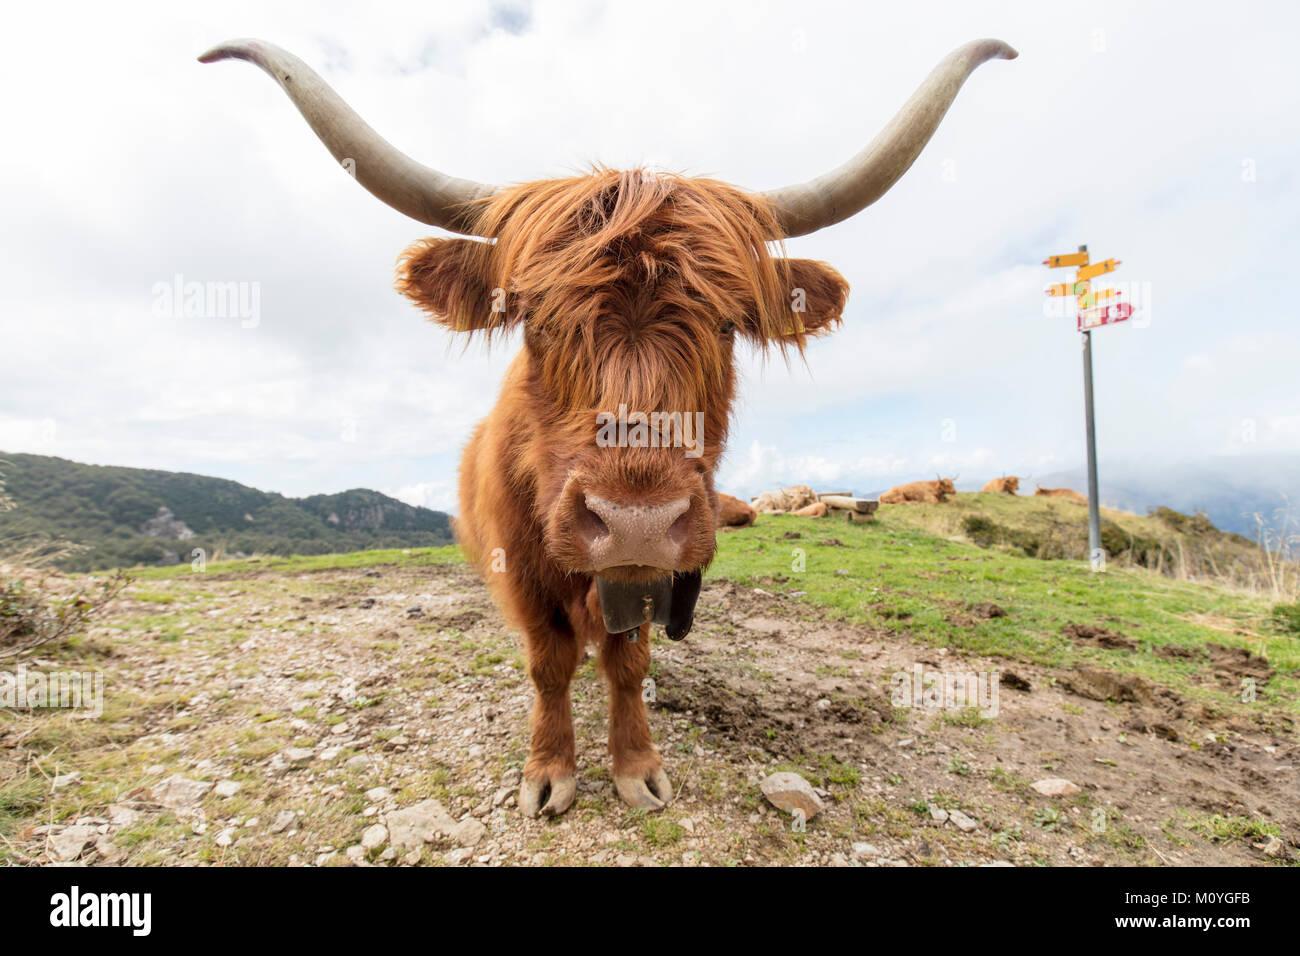 Scottish Highland Cattle (Bos taurus), Wanderweg in der Nähe von Bogno, Tessin, Schweiz Stockbild